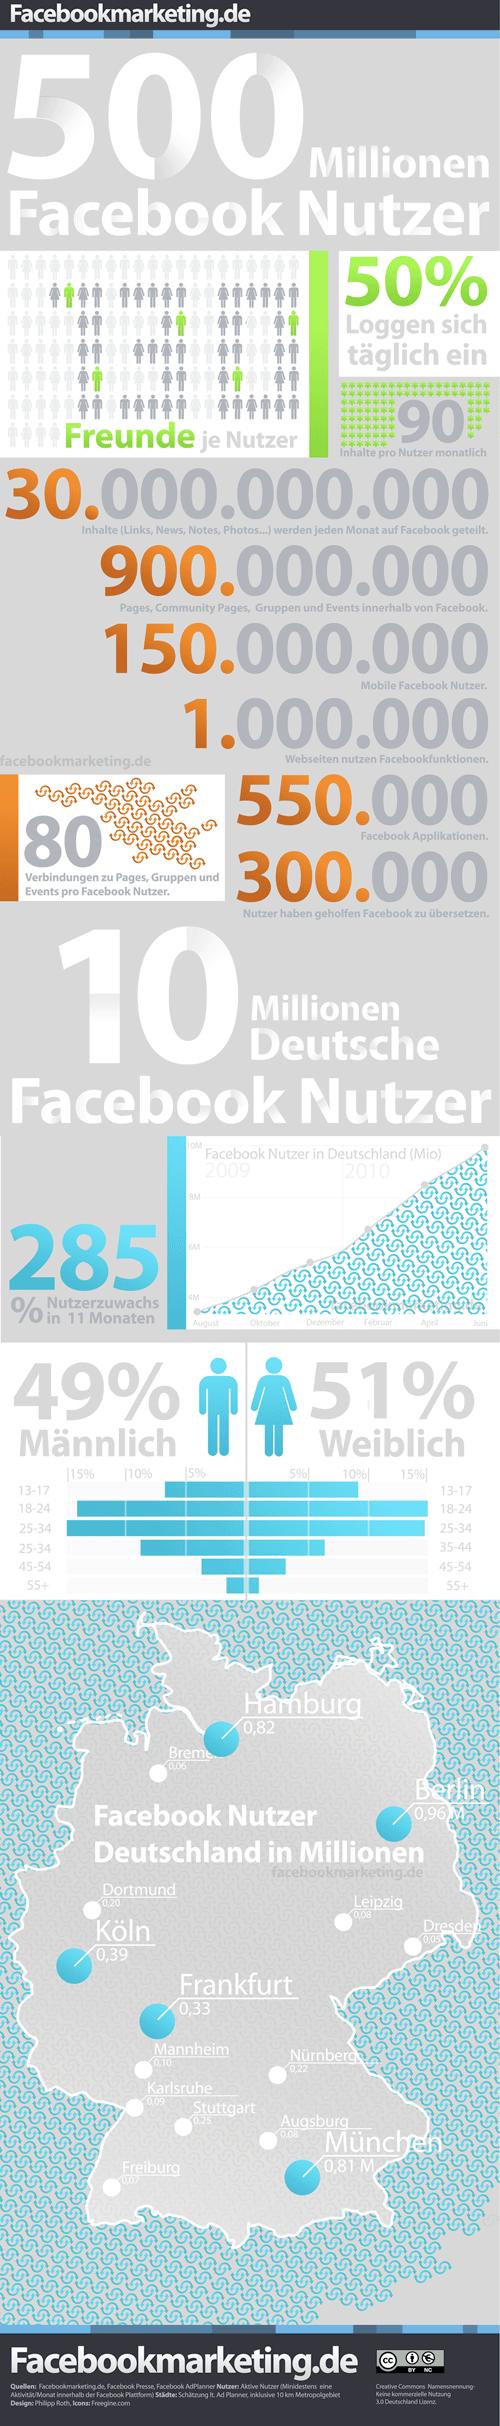 Facebook Deutschland Nutzer Infografik